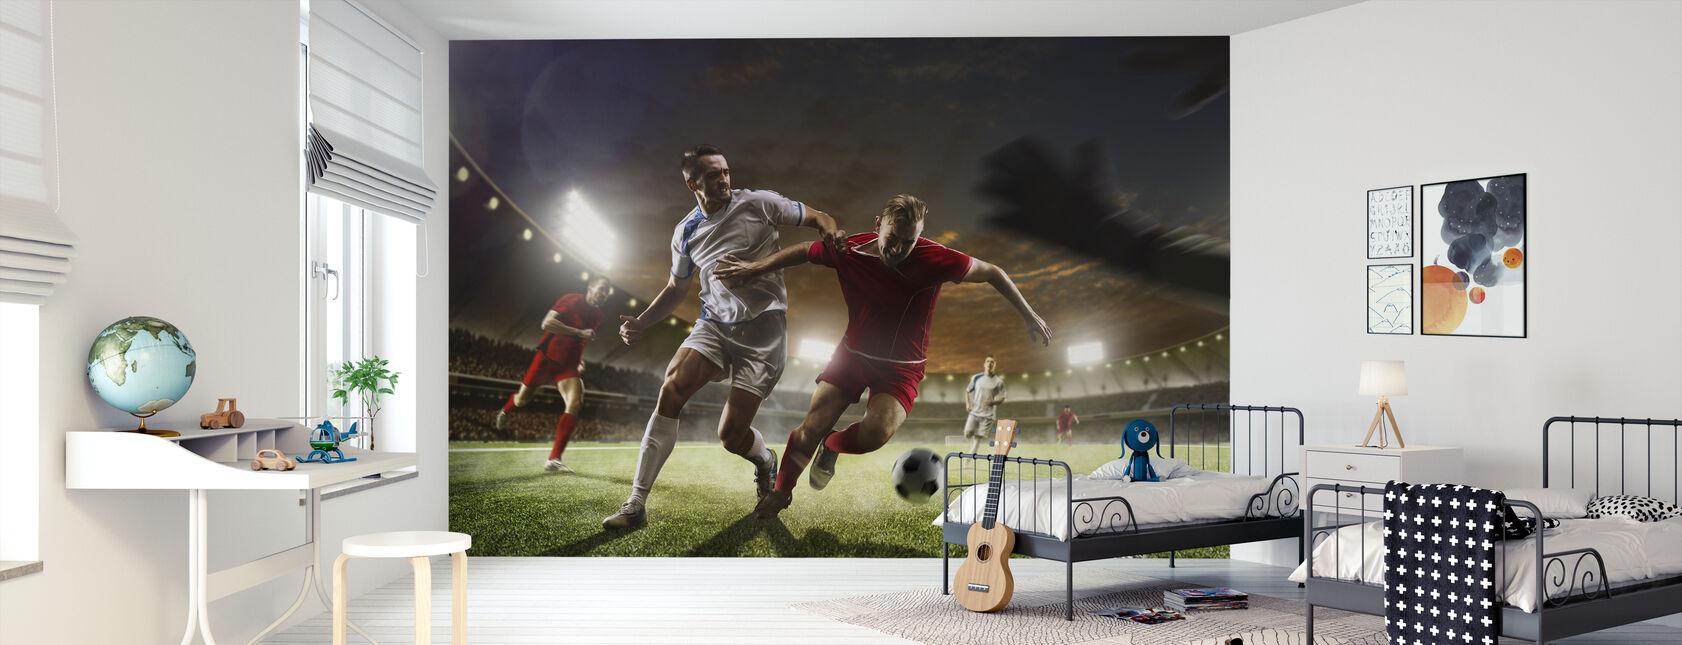 Fußball spielen - Tapete - Kinderzimmer